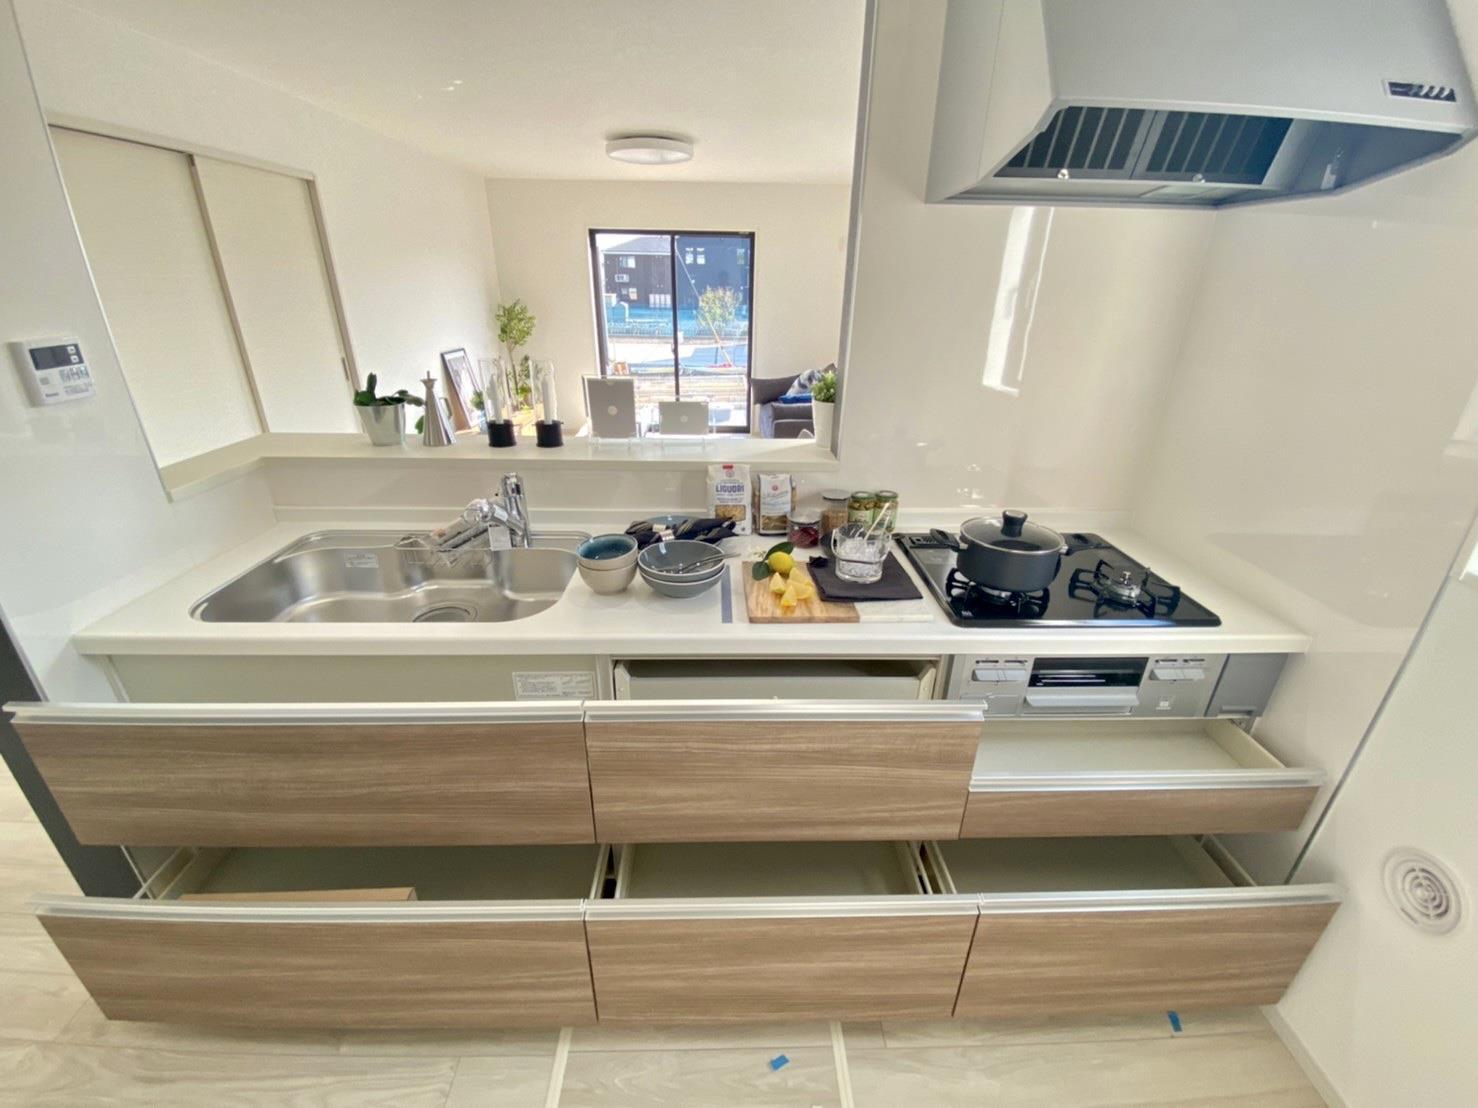 キッチン*キッチン/無理のない姿勢でラクラク収納&取り出し。使いやすさを優先したオールスライド収納タイプです♪